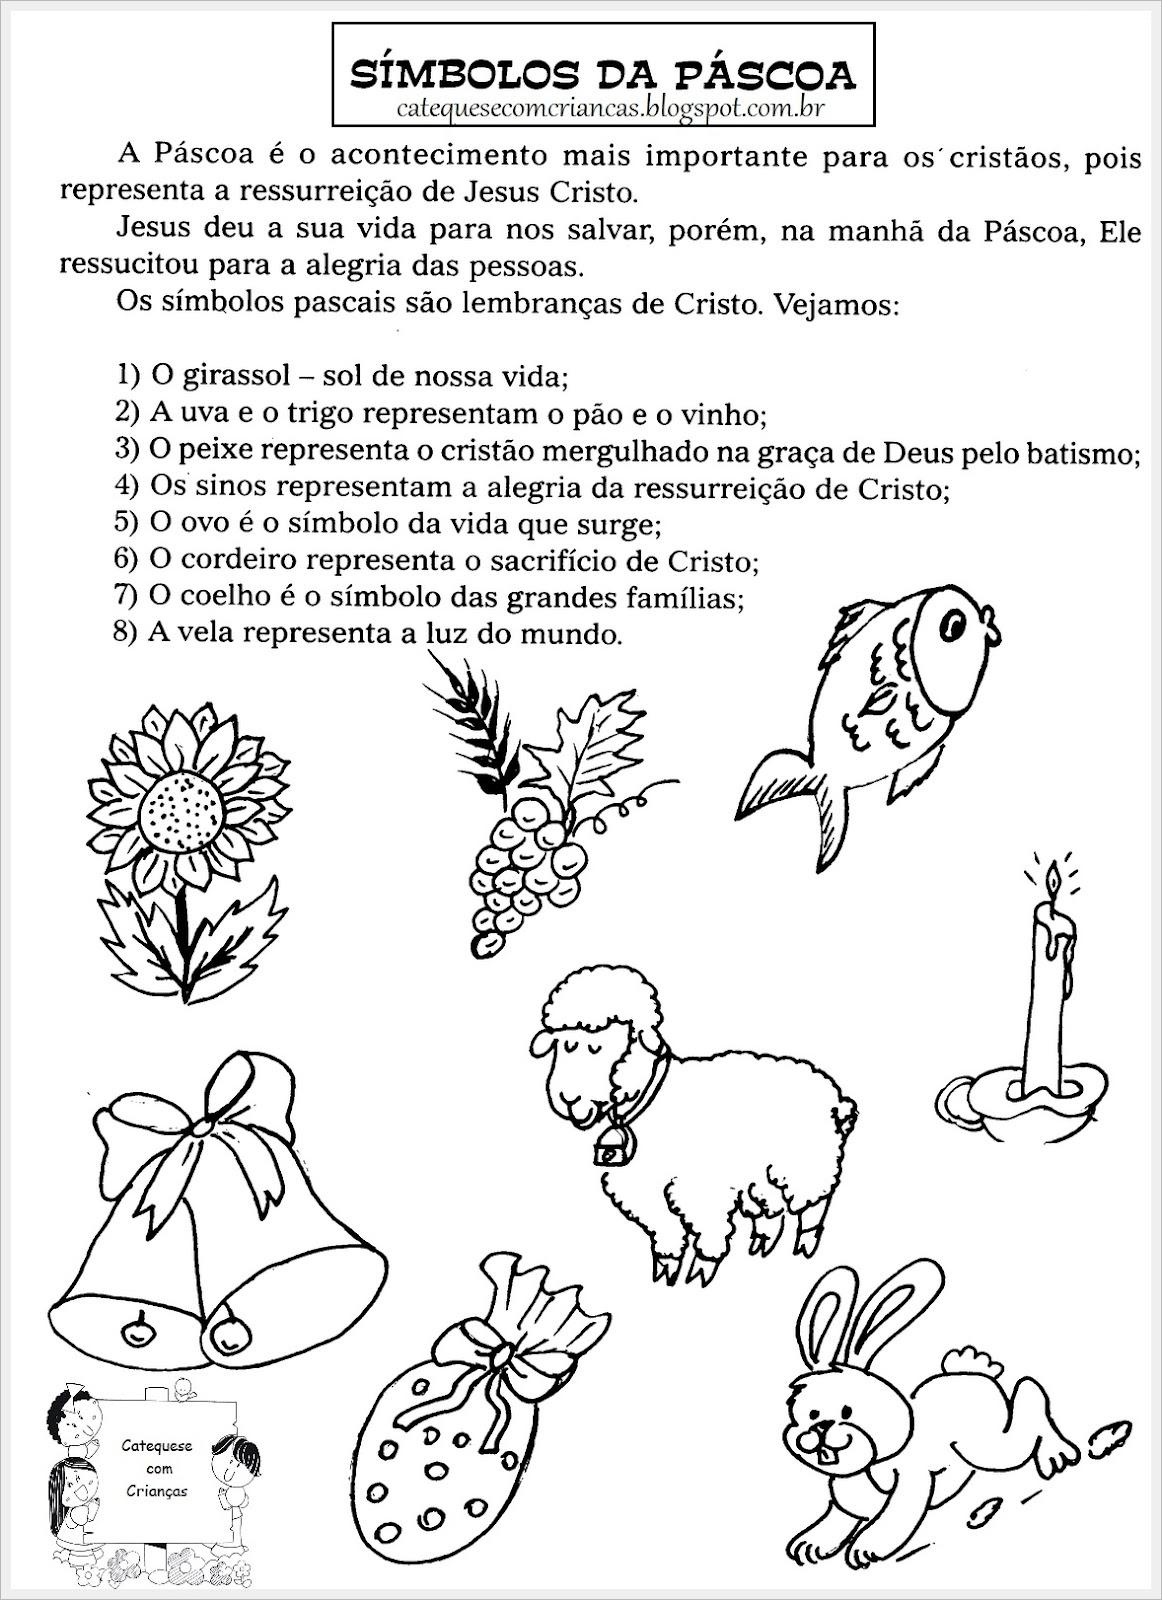 Imagens Dos Simbolos da Pascoa Símbolos da Páscoa